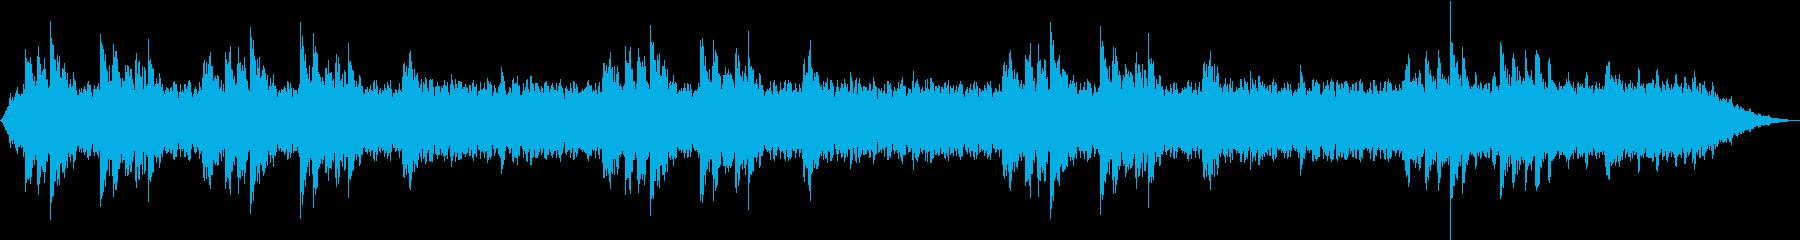 温かいサウンドに包まれる心地良いメロディの再生済みの波形